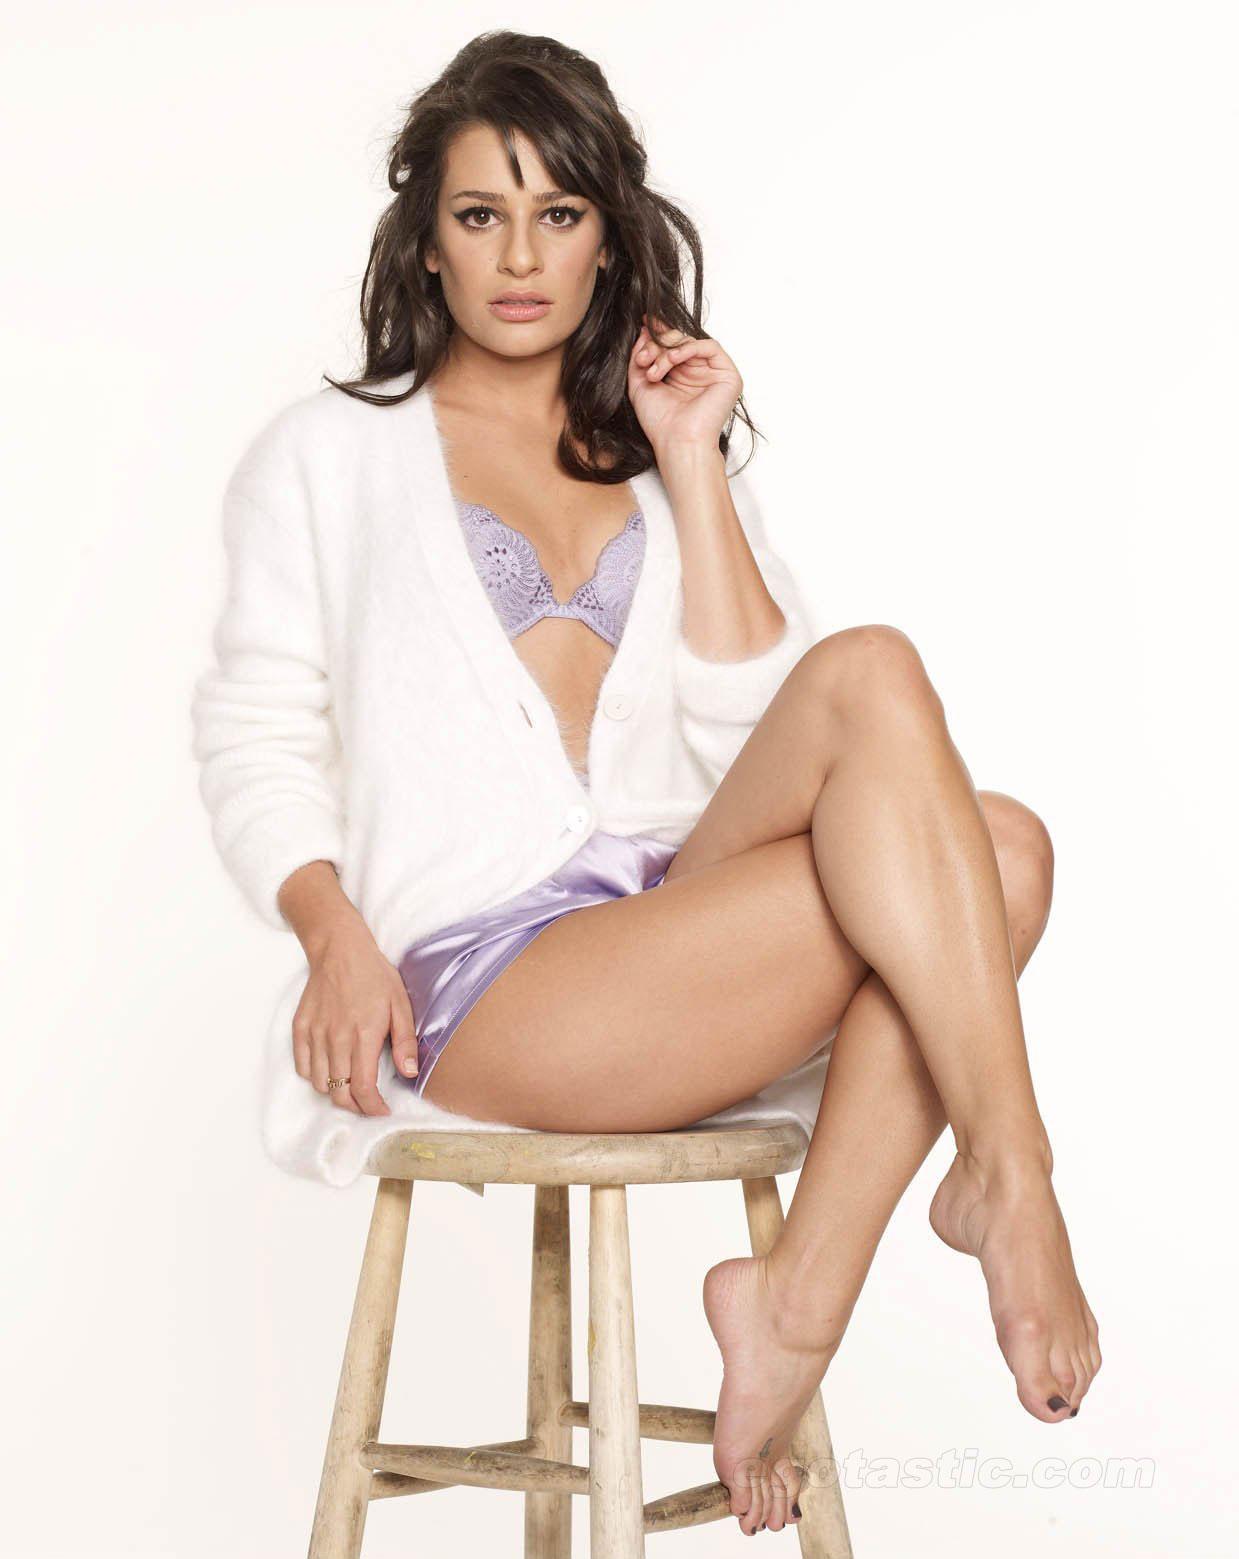 http://4.bp.blogspot.com/-UCCyXAnPl48/T8UhgK7T9TI/AAAAAAAAAjk/WR1NTzTatLw/s1600/Lea-Michele-Feet-411288.jpg